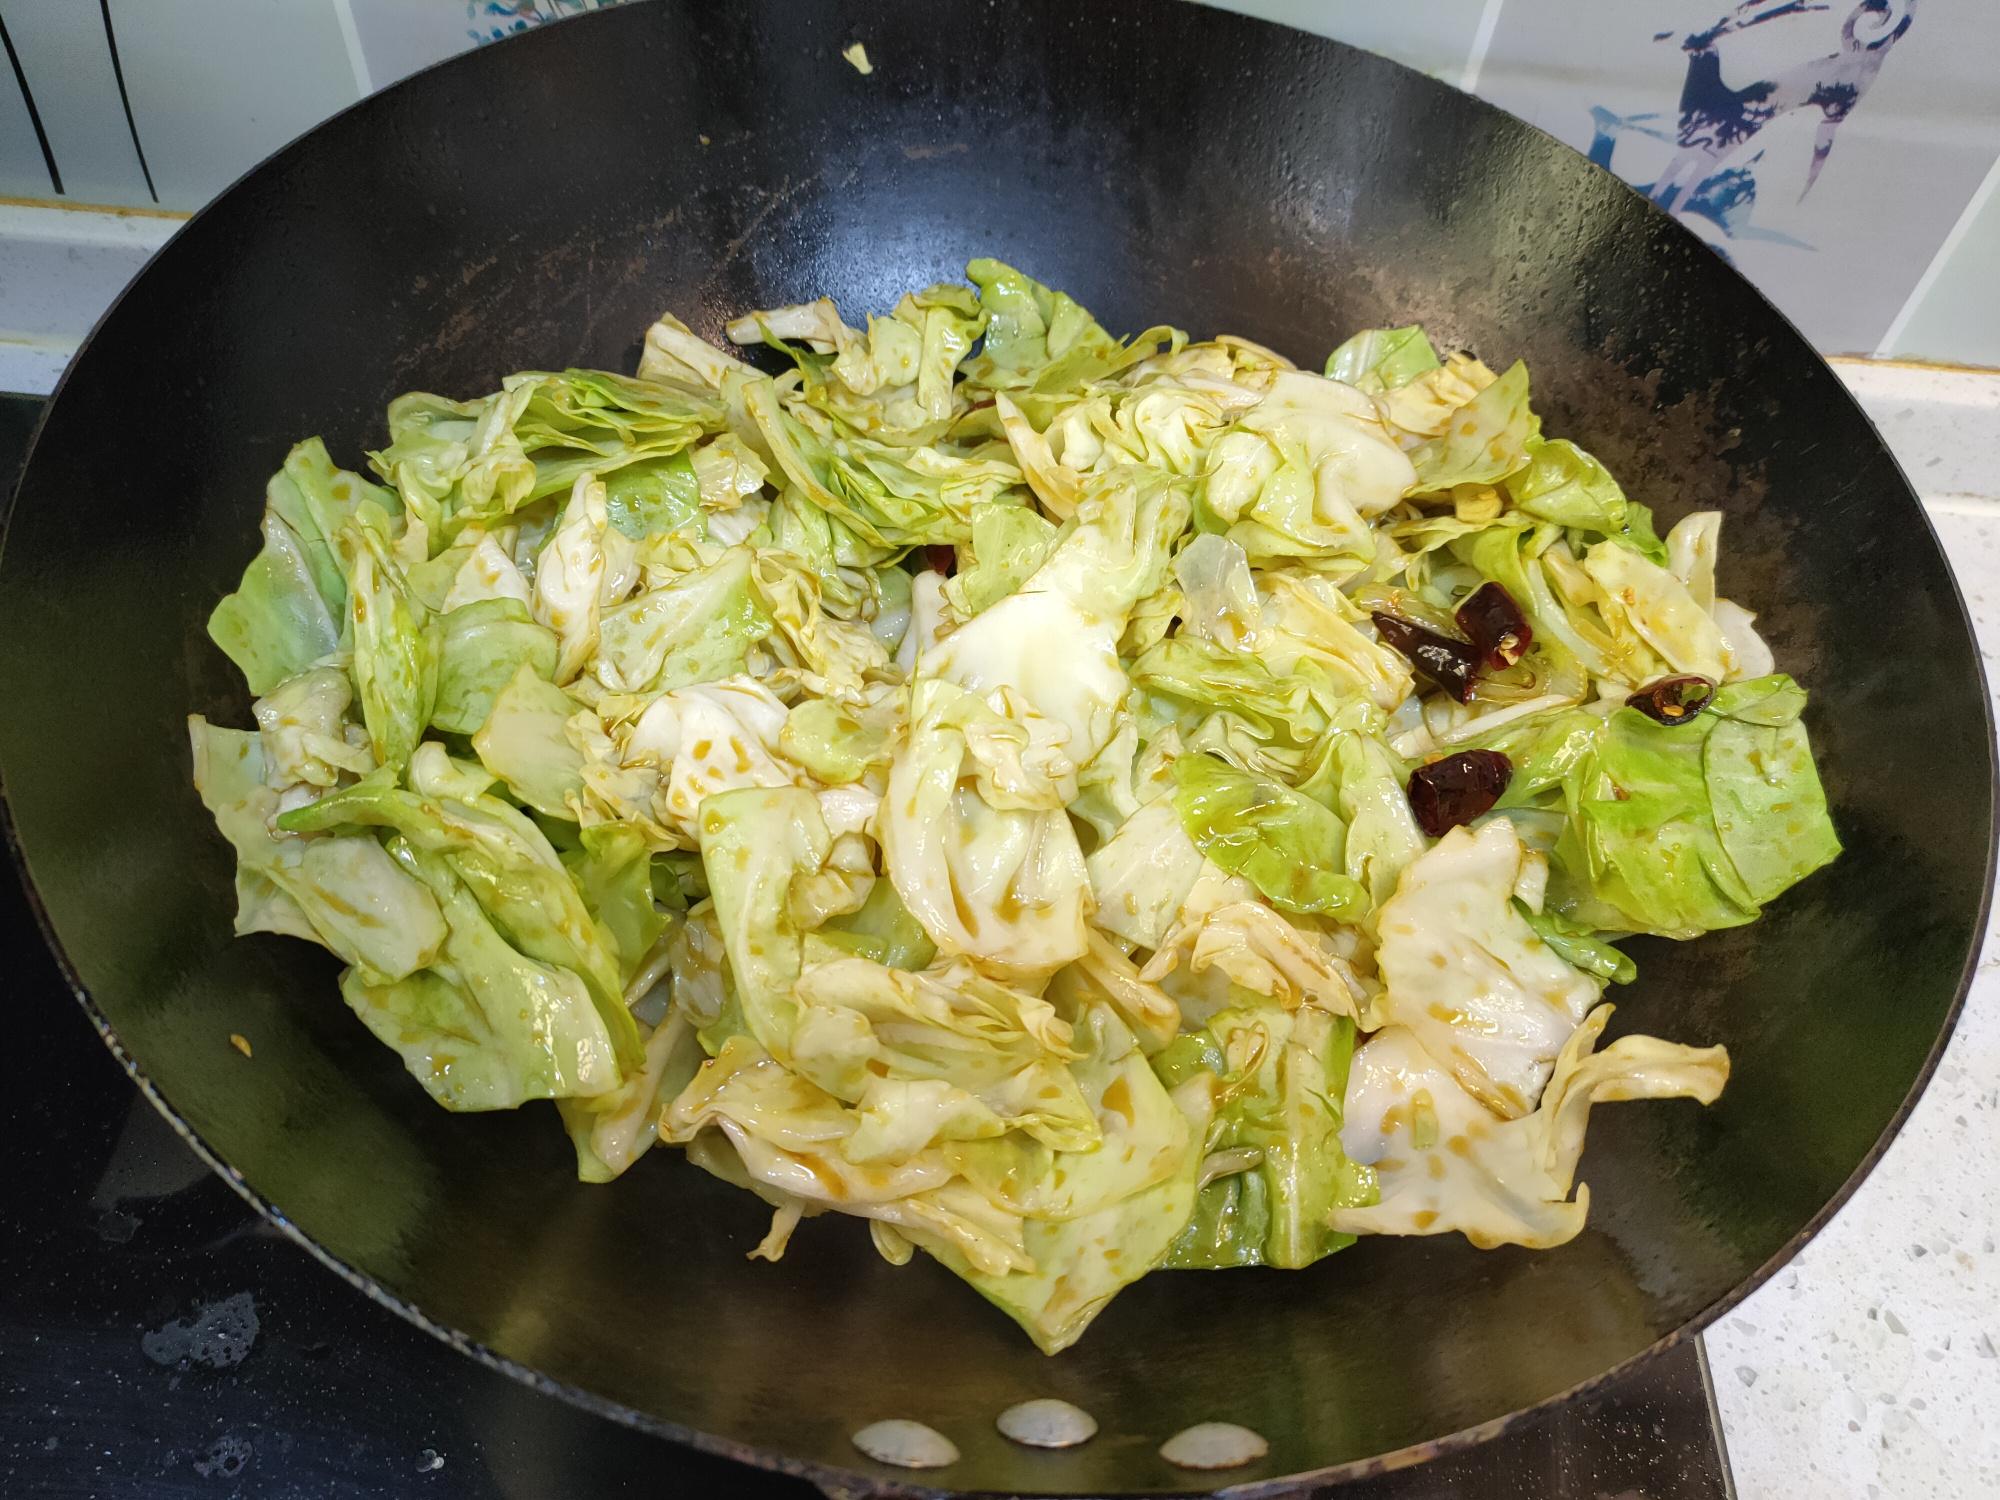 做手撕包菜,切记别直接下锅炒,多加一个步骤,脆爽入味不出水